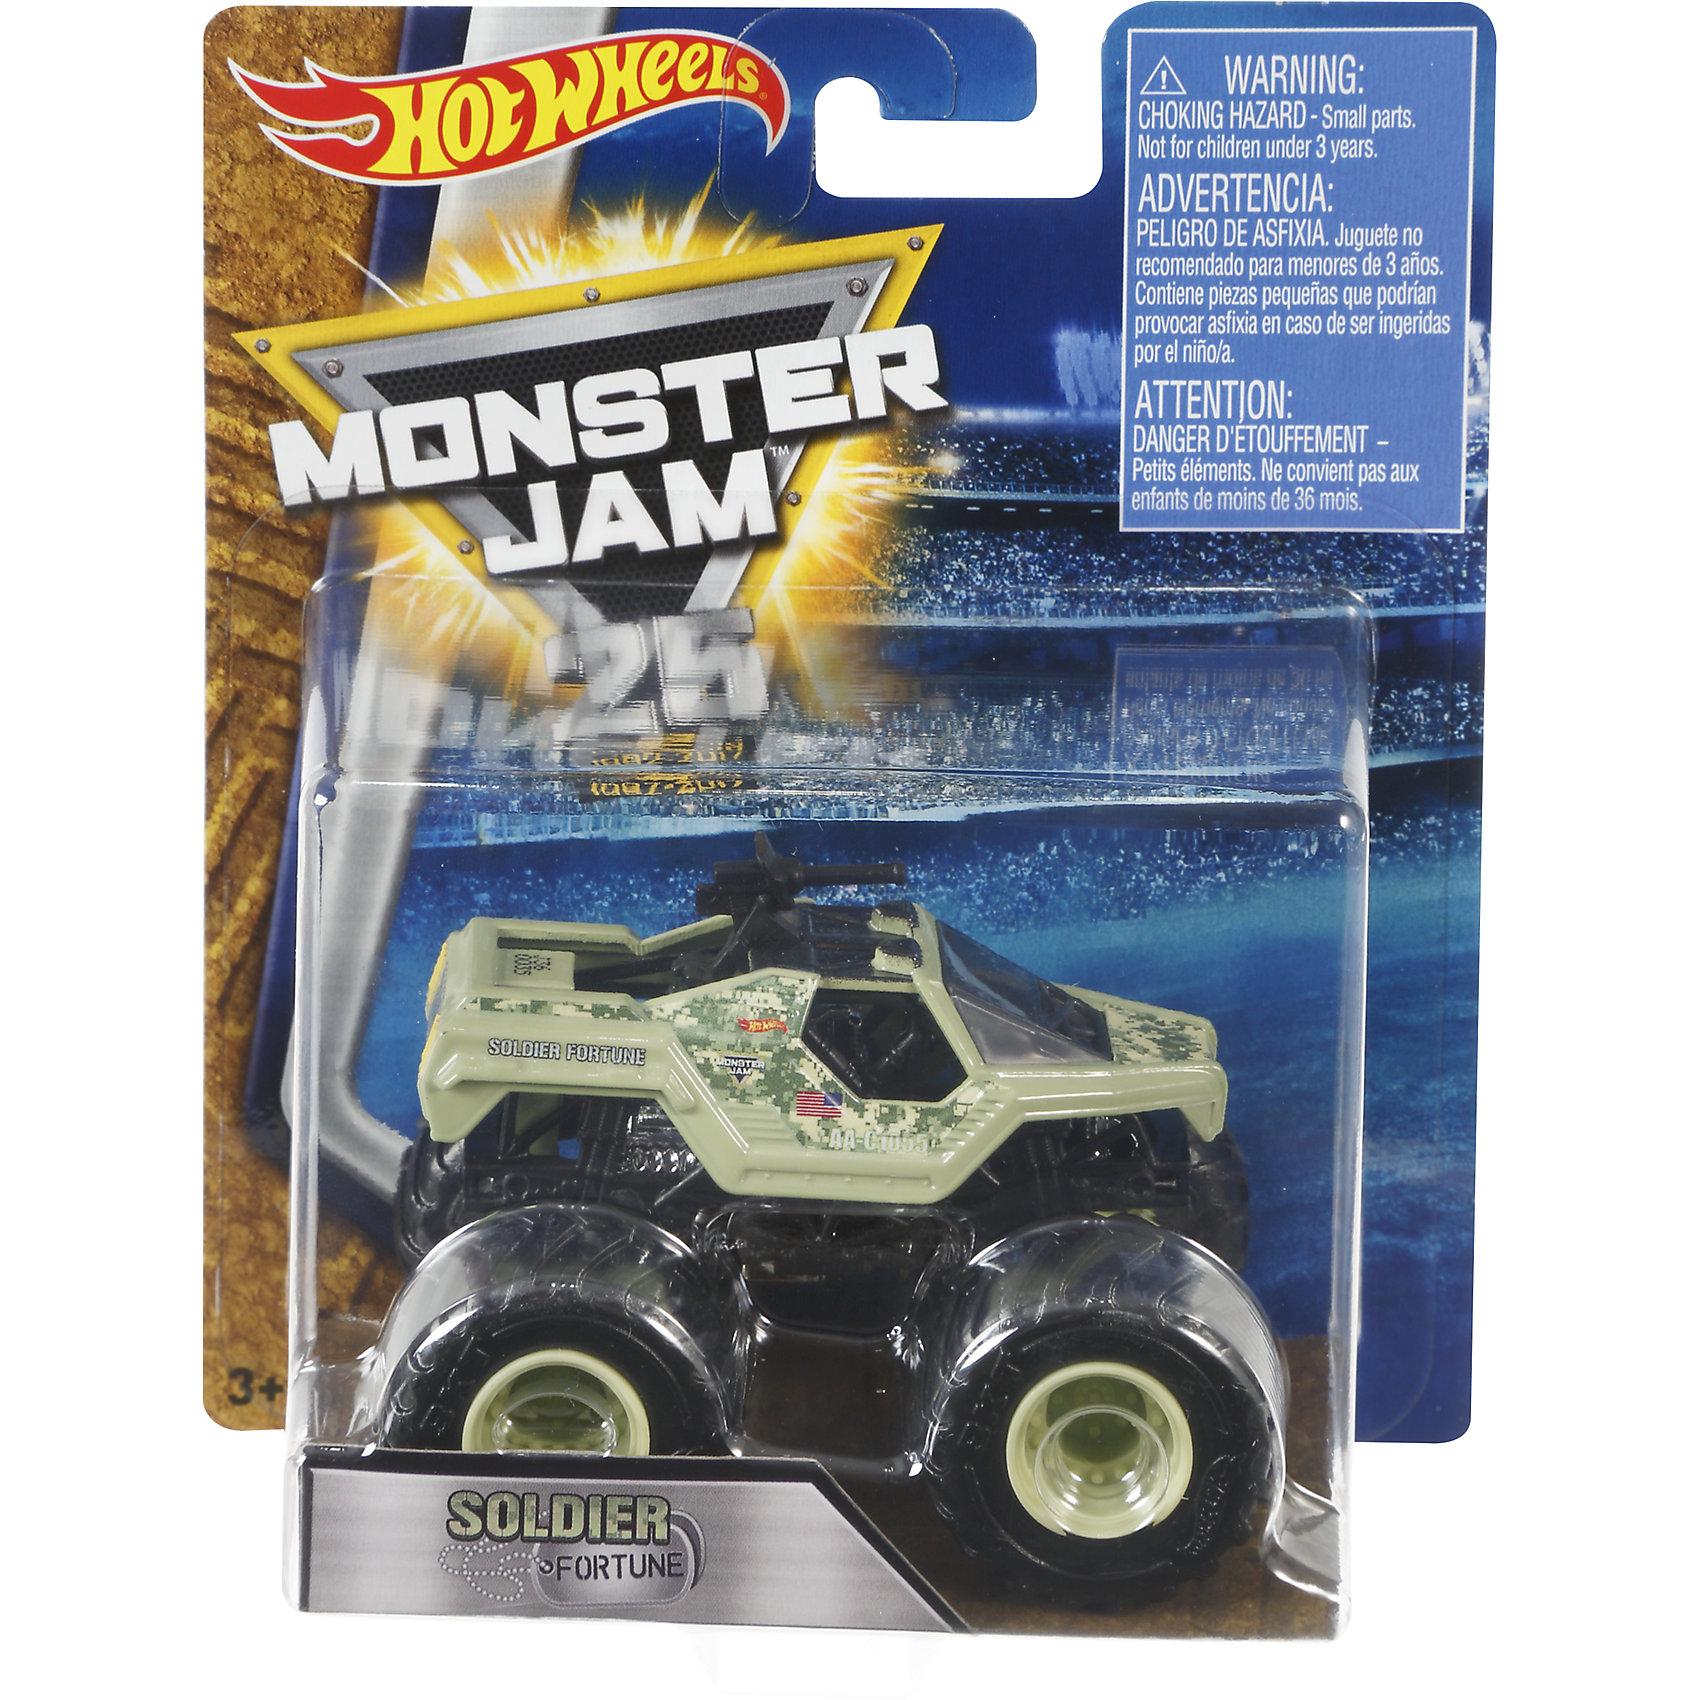 Машинка 1:64,  Monster Jam, Hot WheelsПопулярные игрушки<br>Характеристики игрушечной машинки Hot Wheels:<br><br>• серия: Monster Jam;<br>• масштаб: 1:64;<br>• литой корпус;<br>• хромированные диски;<br>• проходимость колес; <br>• длина машинки: 8,5 см;<br>• размер упаковки: 17,5х14х7,5 см;<br>• вес в упаковке: 115 г.<br><br>Игрушечная модель машинки Hot Wheels на мощных колесах большого диаметра отличается высокой проходимостью, претендует на первенство в гонках, имеет литой корпус. Комбинированное использования пластика и металла делает машинку прочной и устойчивой к ударам и падениям. Тюнинг трюкового внедорожника Monster Jam соответствует пожеланиям юных коллекционеров линейки автомобилей Hot Wheels. <br><br>Машинку 1:64, Monster Jam, Hot Wheels можно купить в нашем интернет-магазине.<br><br>Ширина мм: 65<br>Глубина мм: 140<br>Высота мм: 175<br>Вес г: 130<br>Возраст от месяцев: 36<br>Возраст до месяцев: 84<br>Пол: Мужской<br>Возраст: Детский<br>SKU: 5285009